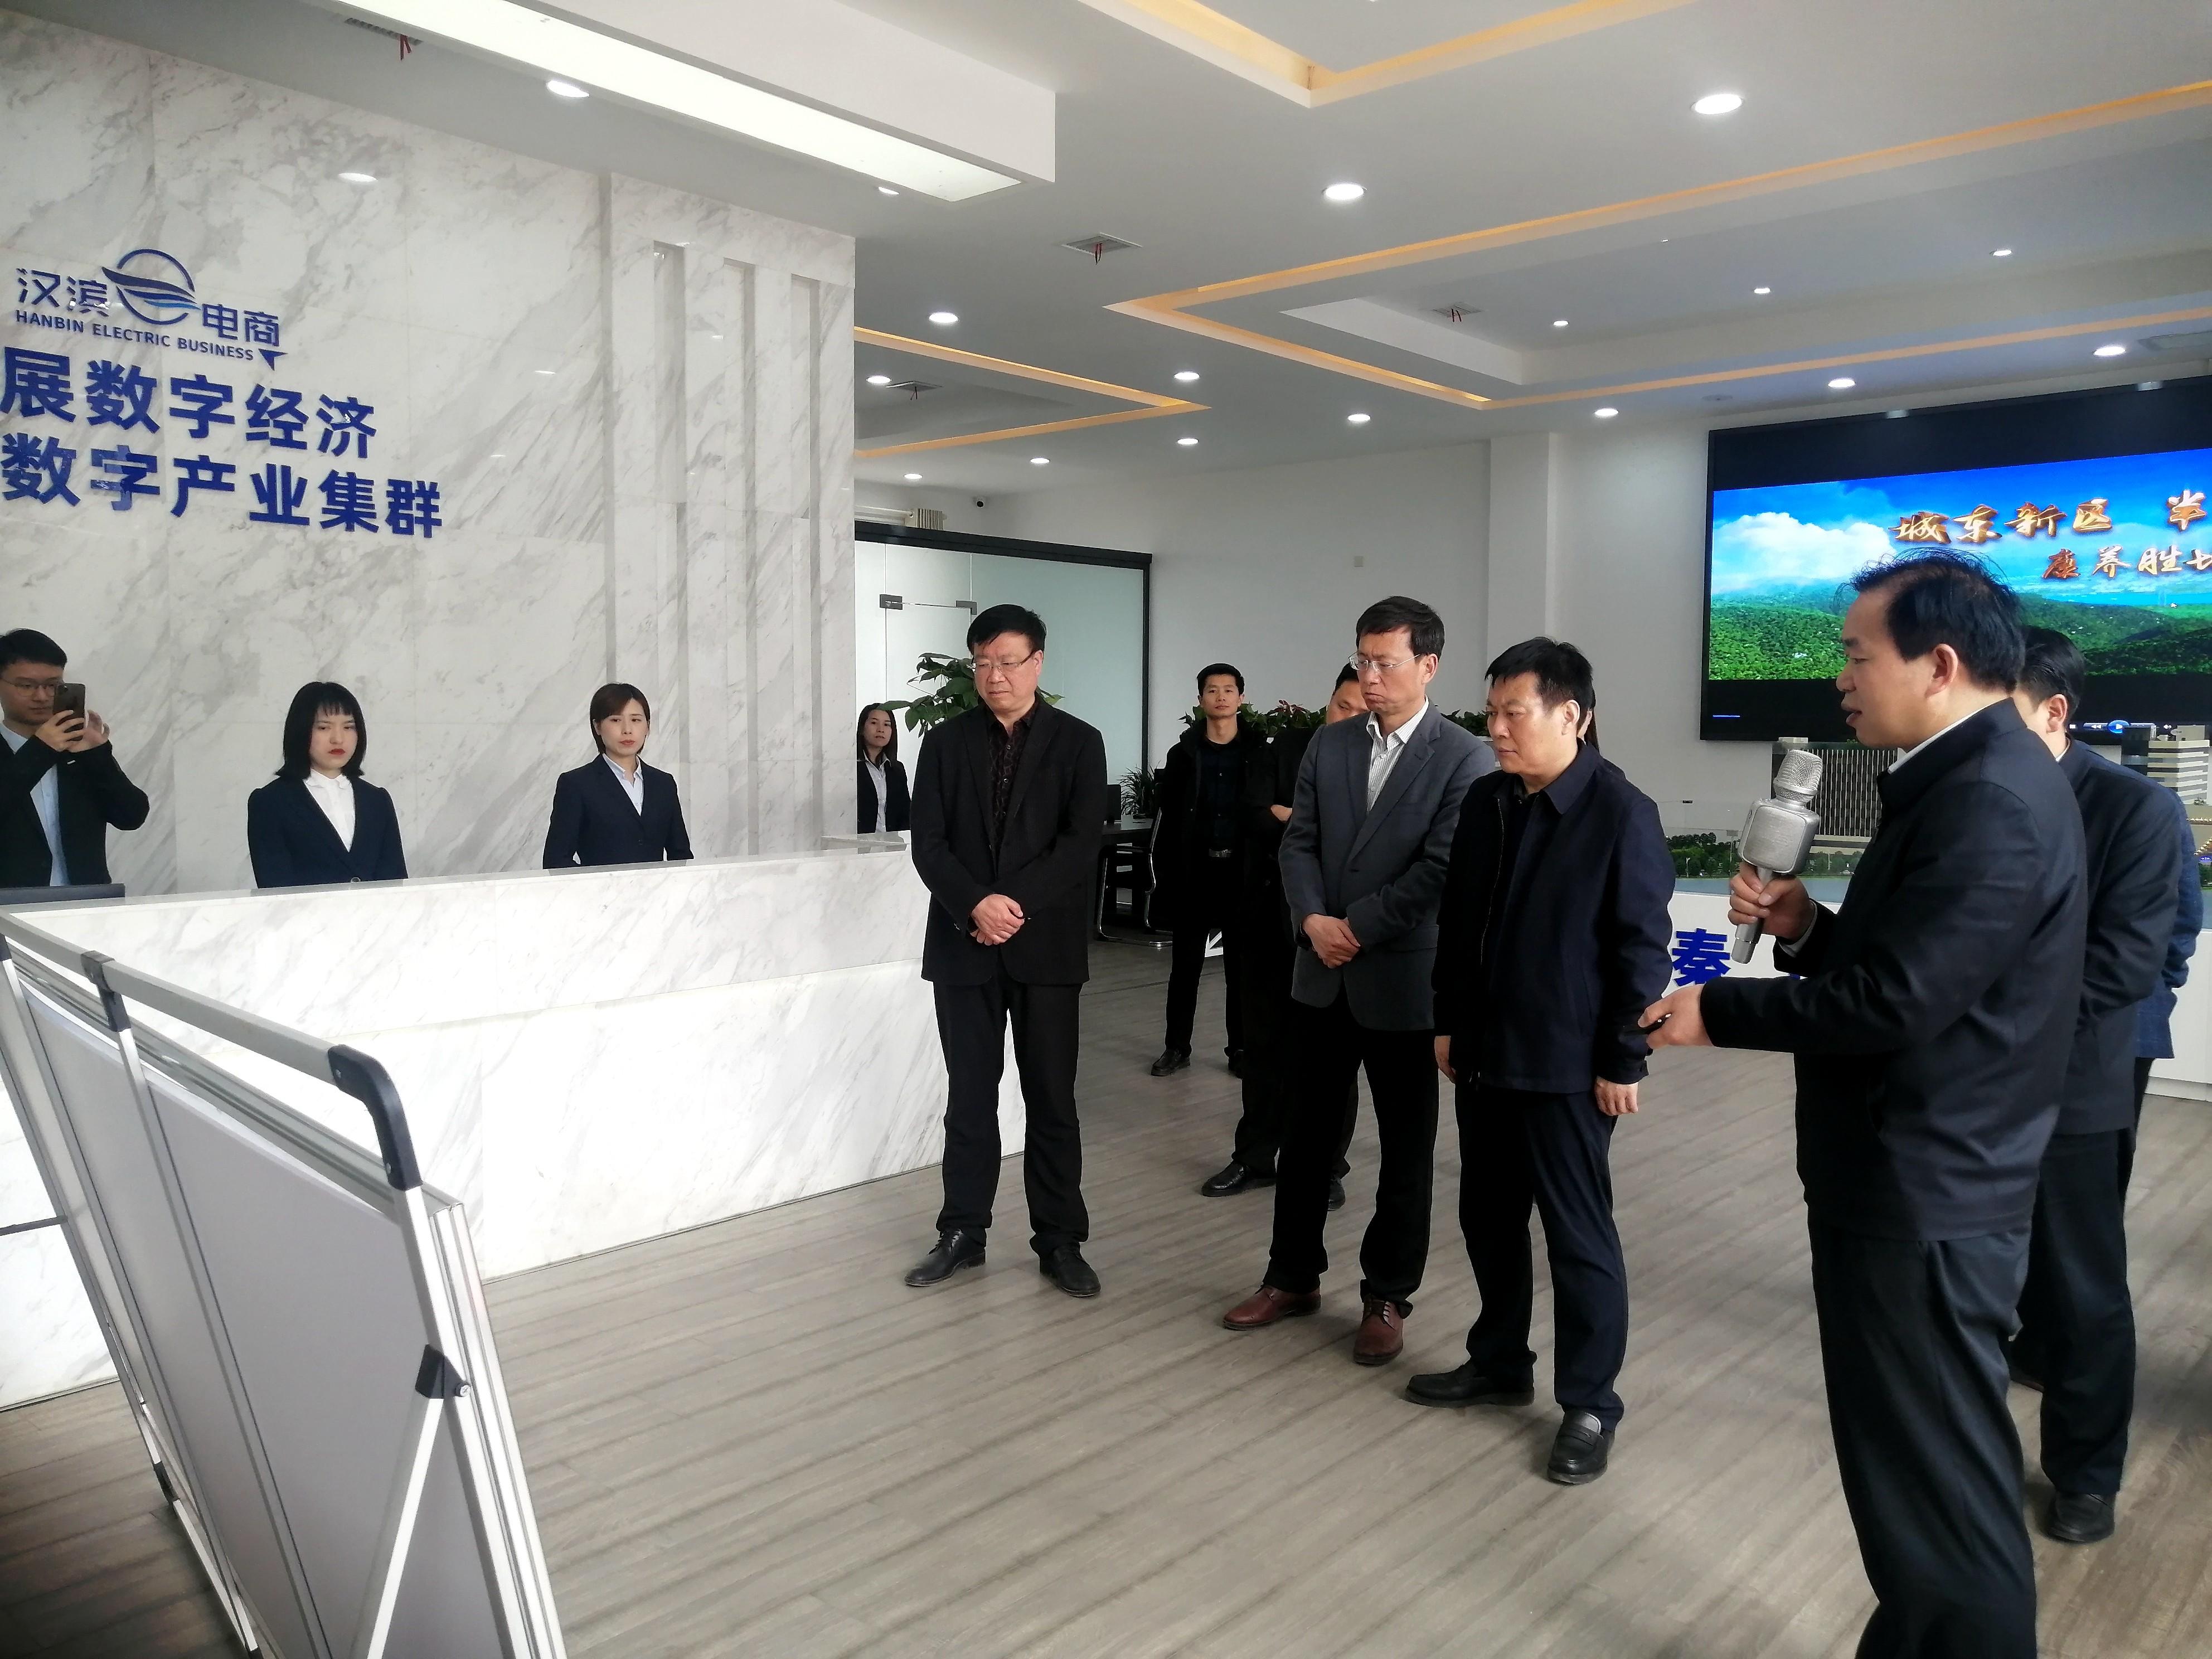 市人大常委会党组书记邹顺生到汉滨调研重点项目建设工作